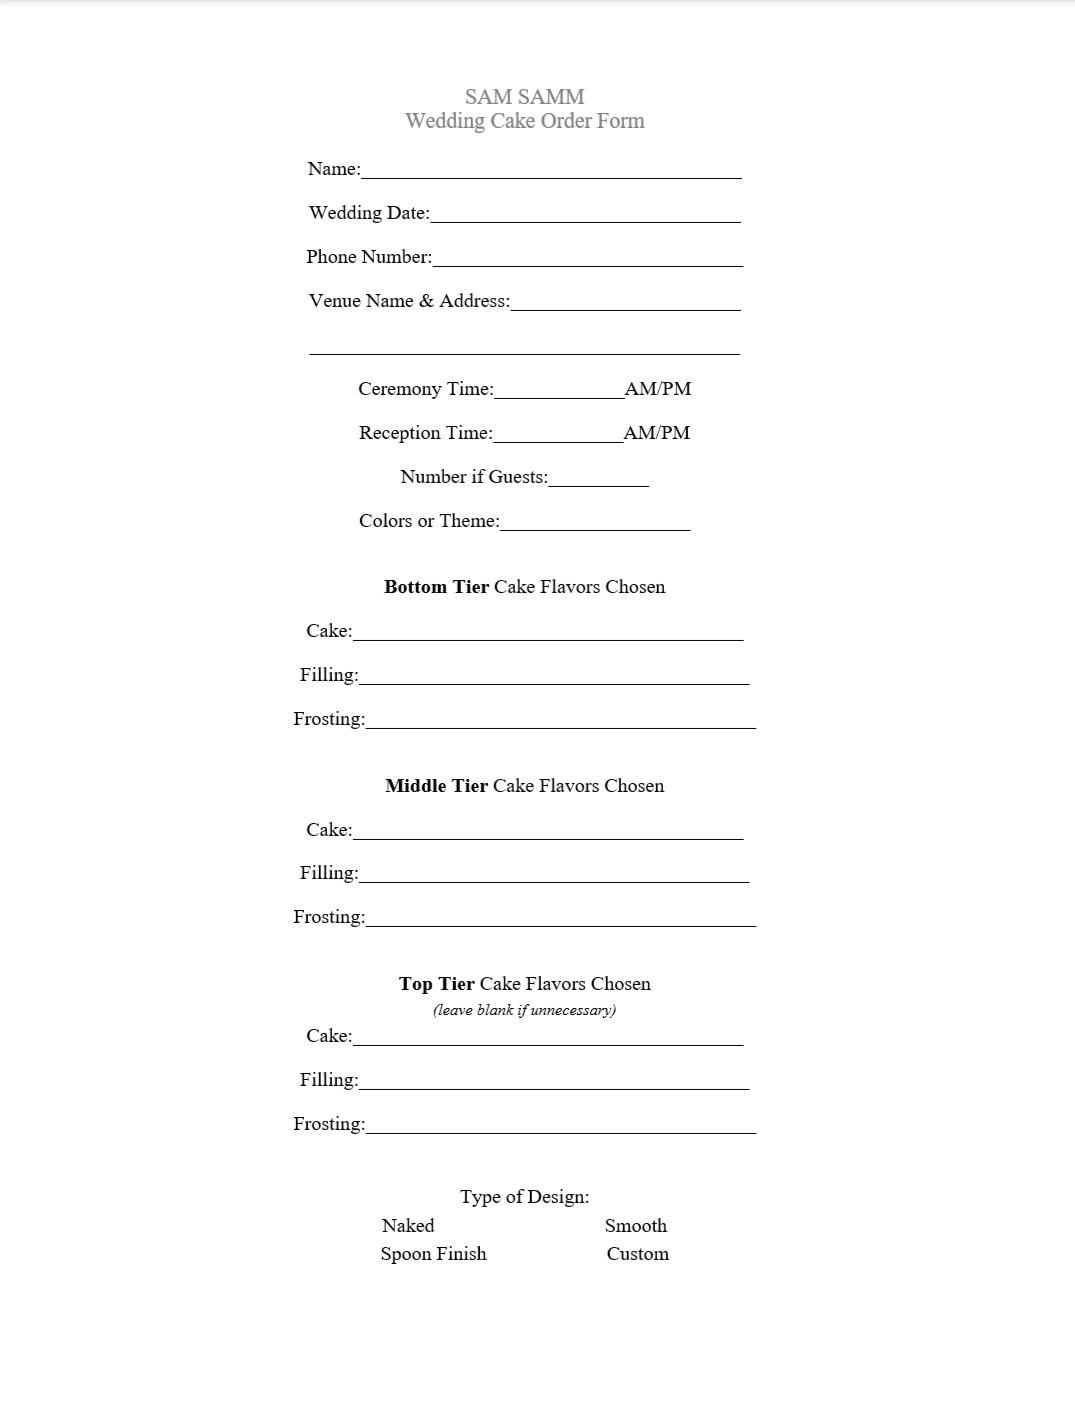 order form for cakes  Wedding Cake Order Form - Sam Samm Custom Cakes